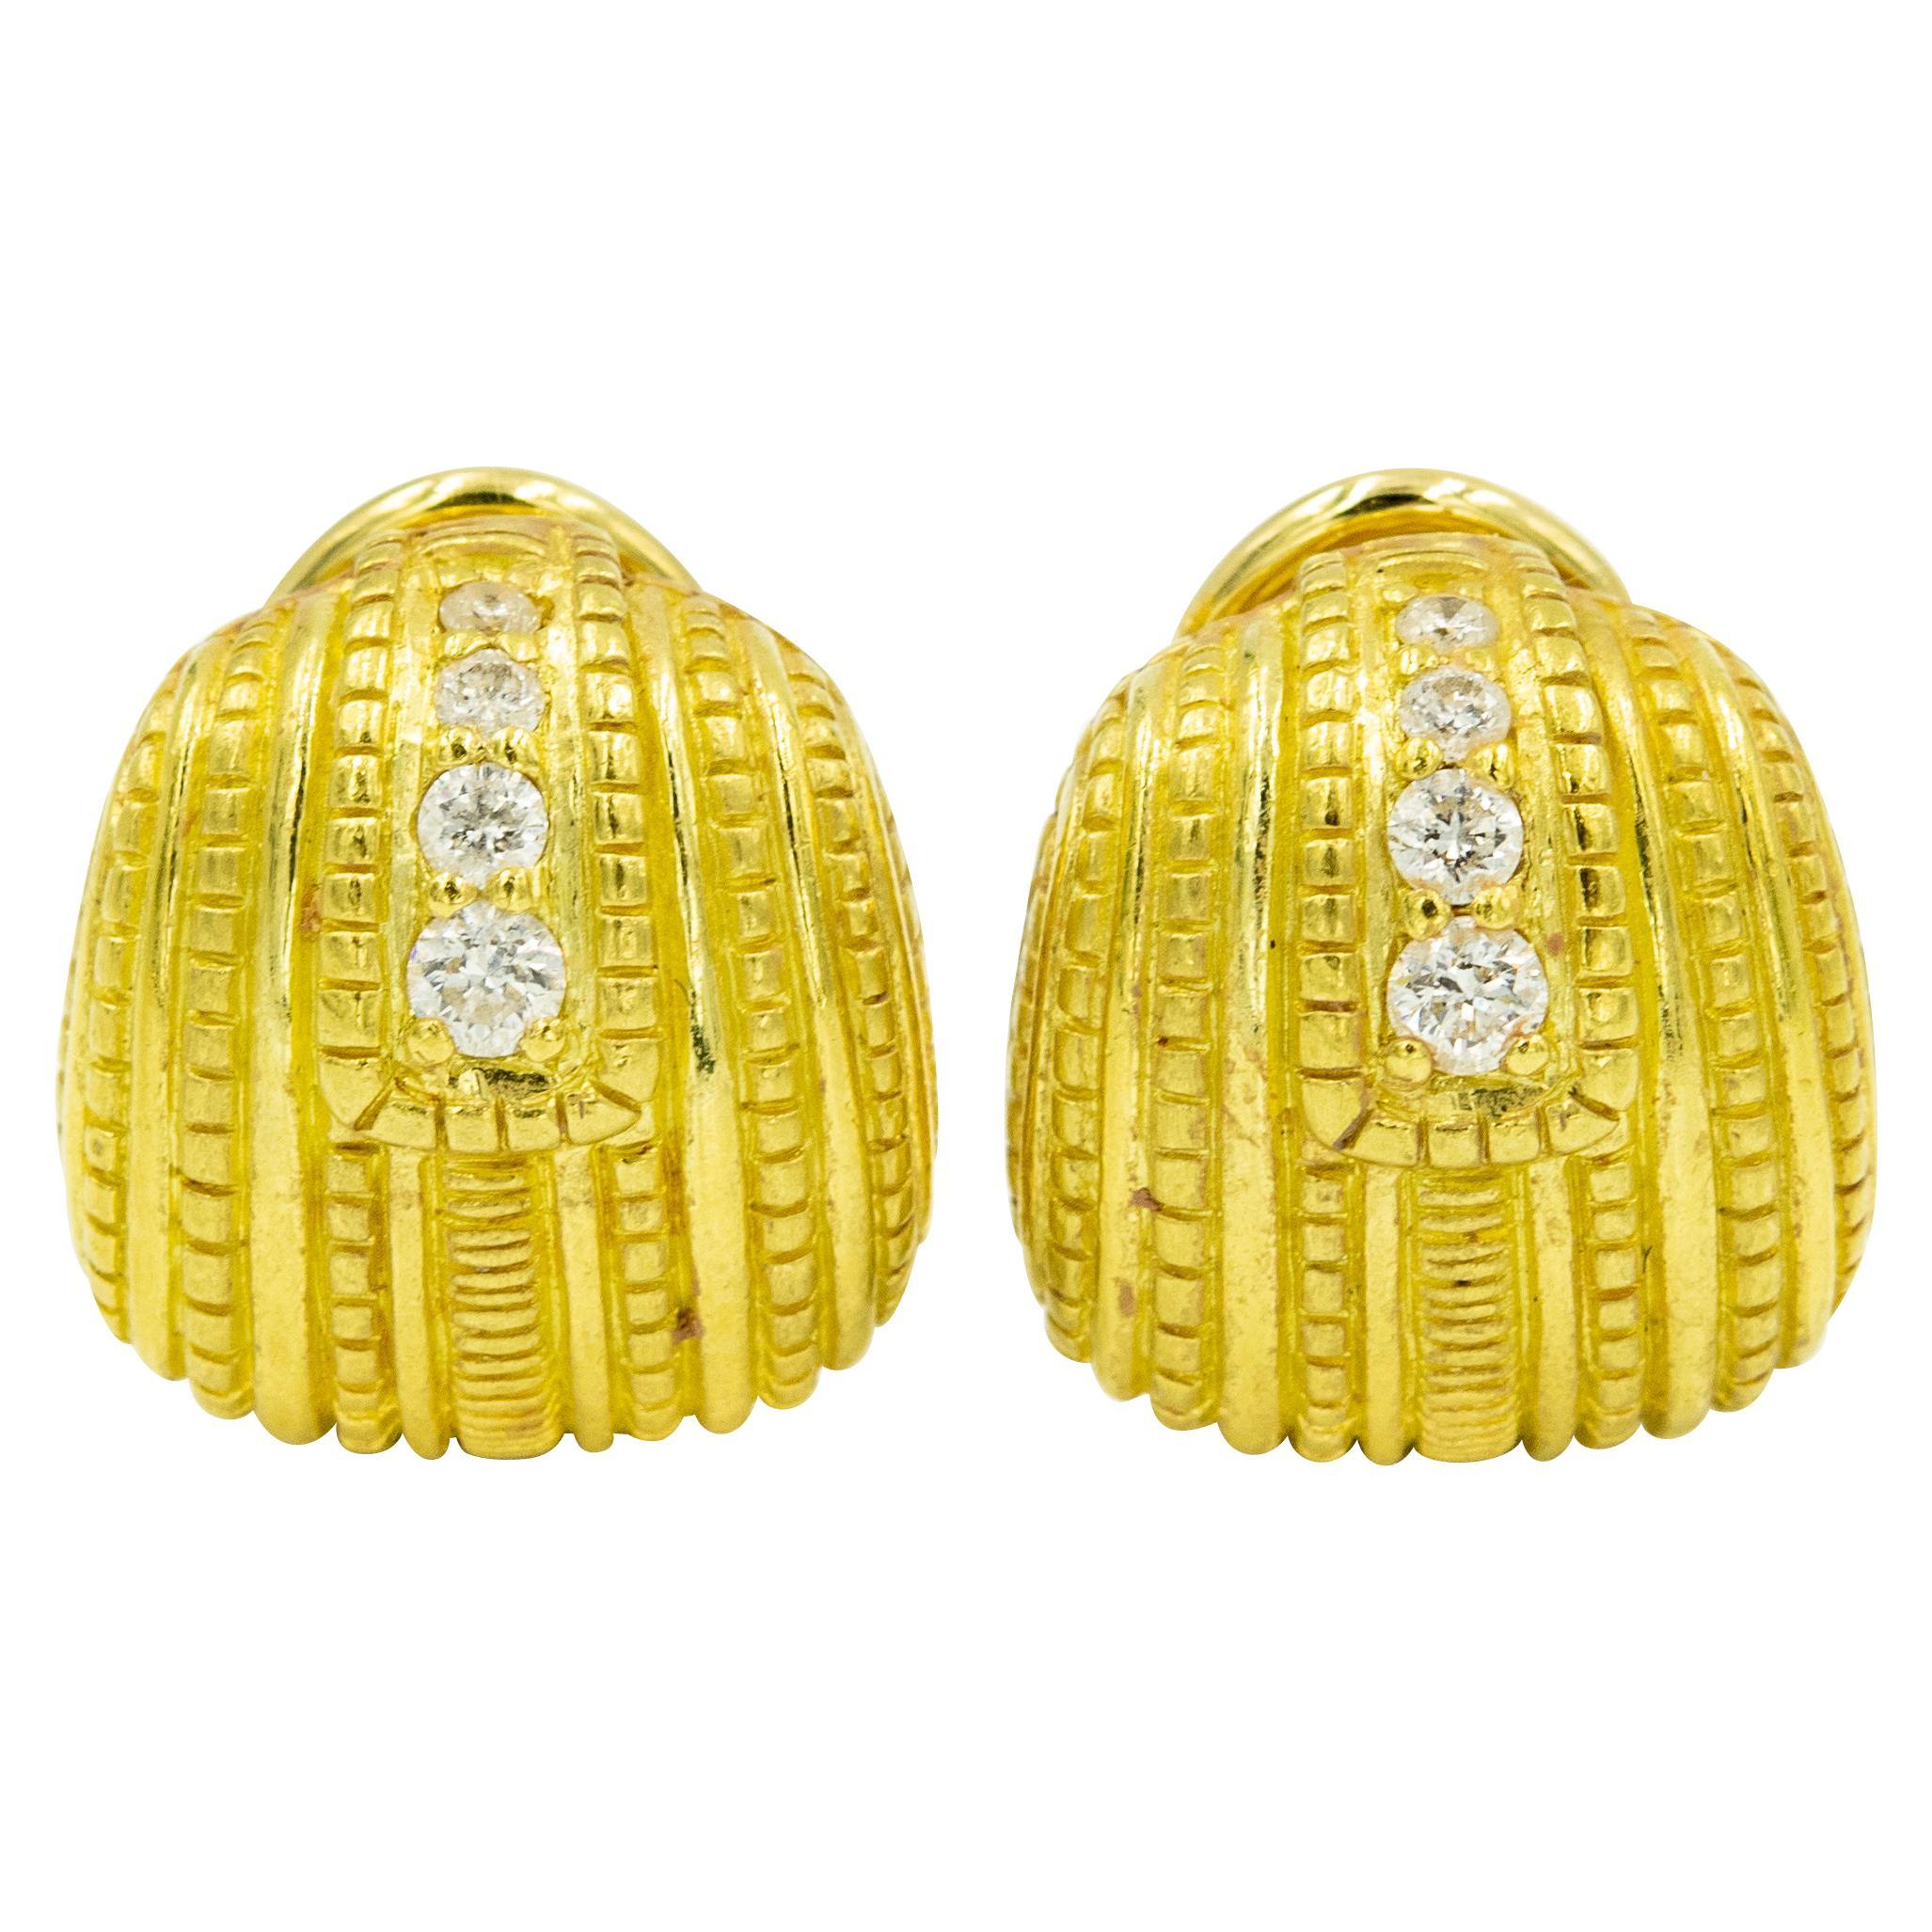 Judith Ripka Diamond Textured 18 Karat Yellow Gold Earrings